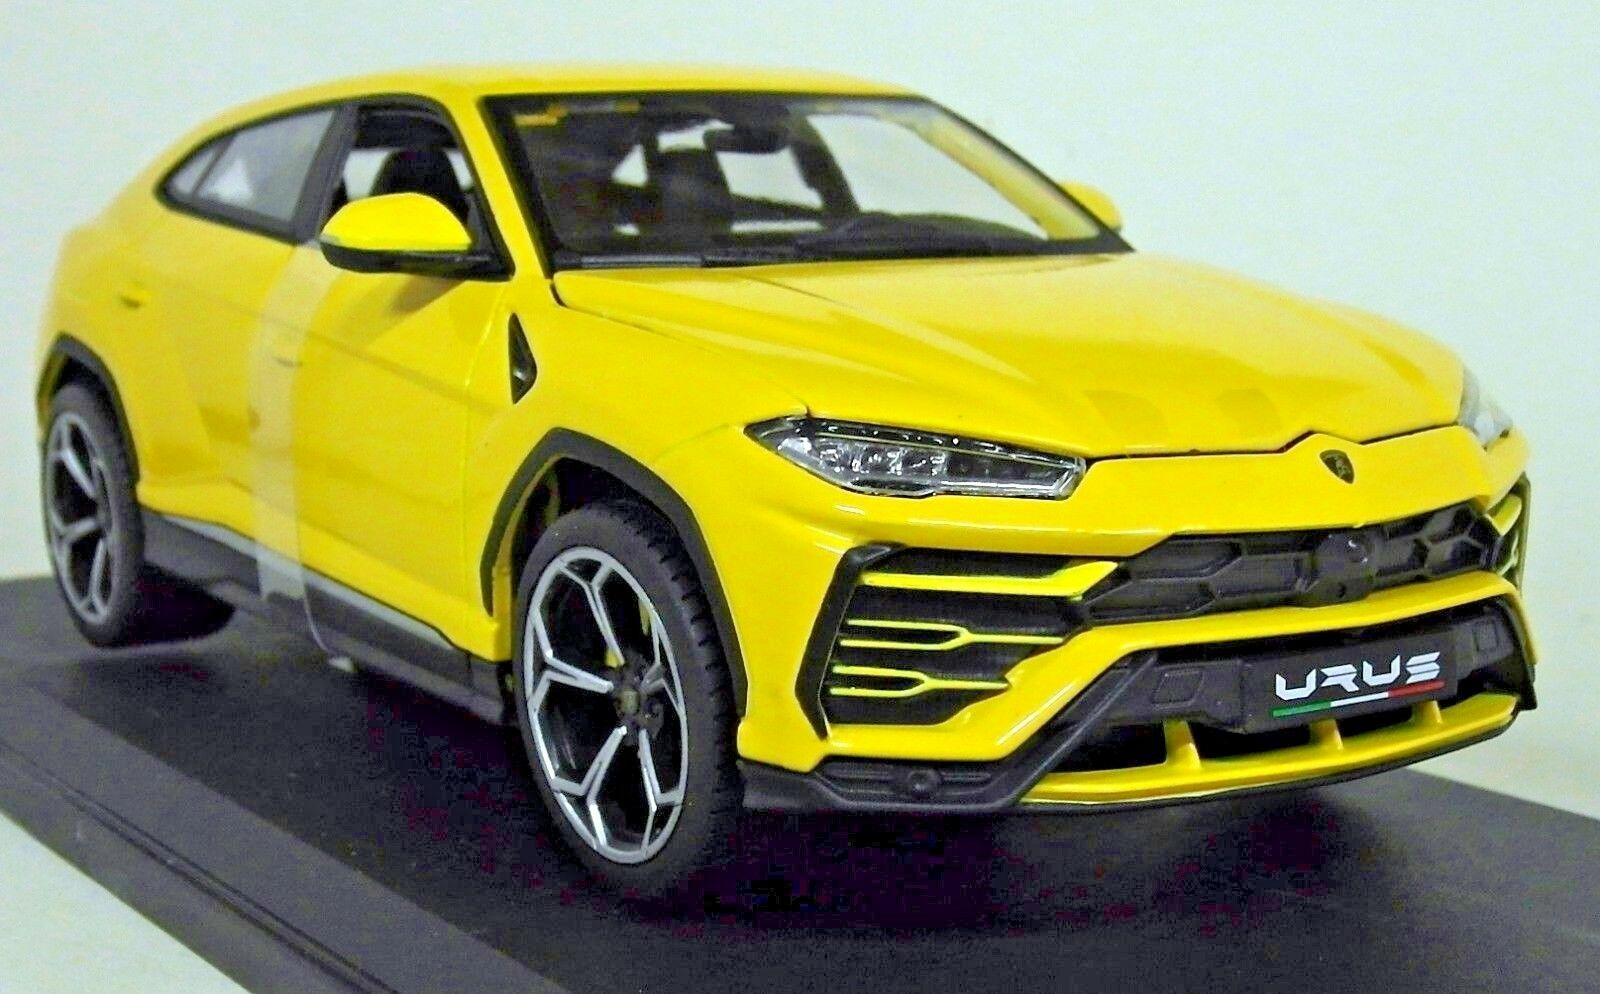 1 18 scale Lamborghini Urus SUV (Yellow)  Special Edition  Maisto Diecast